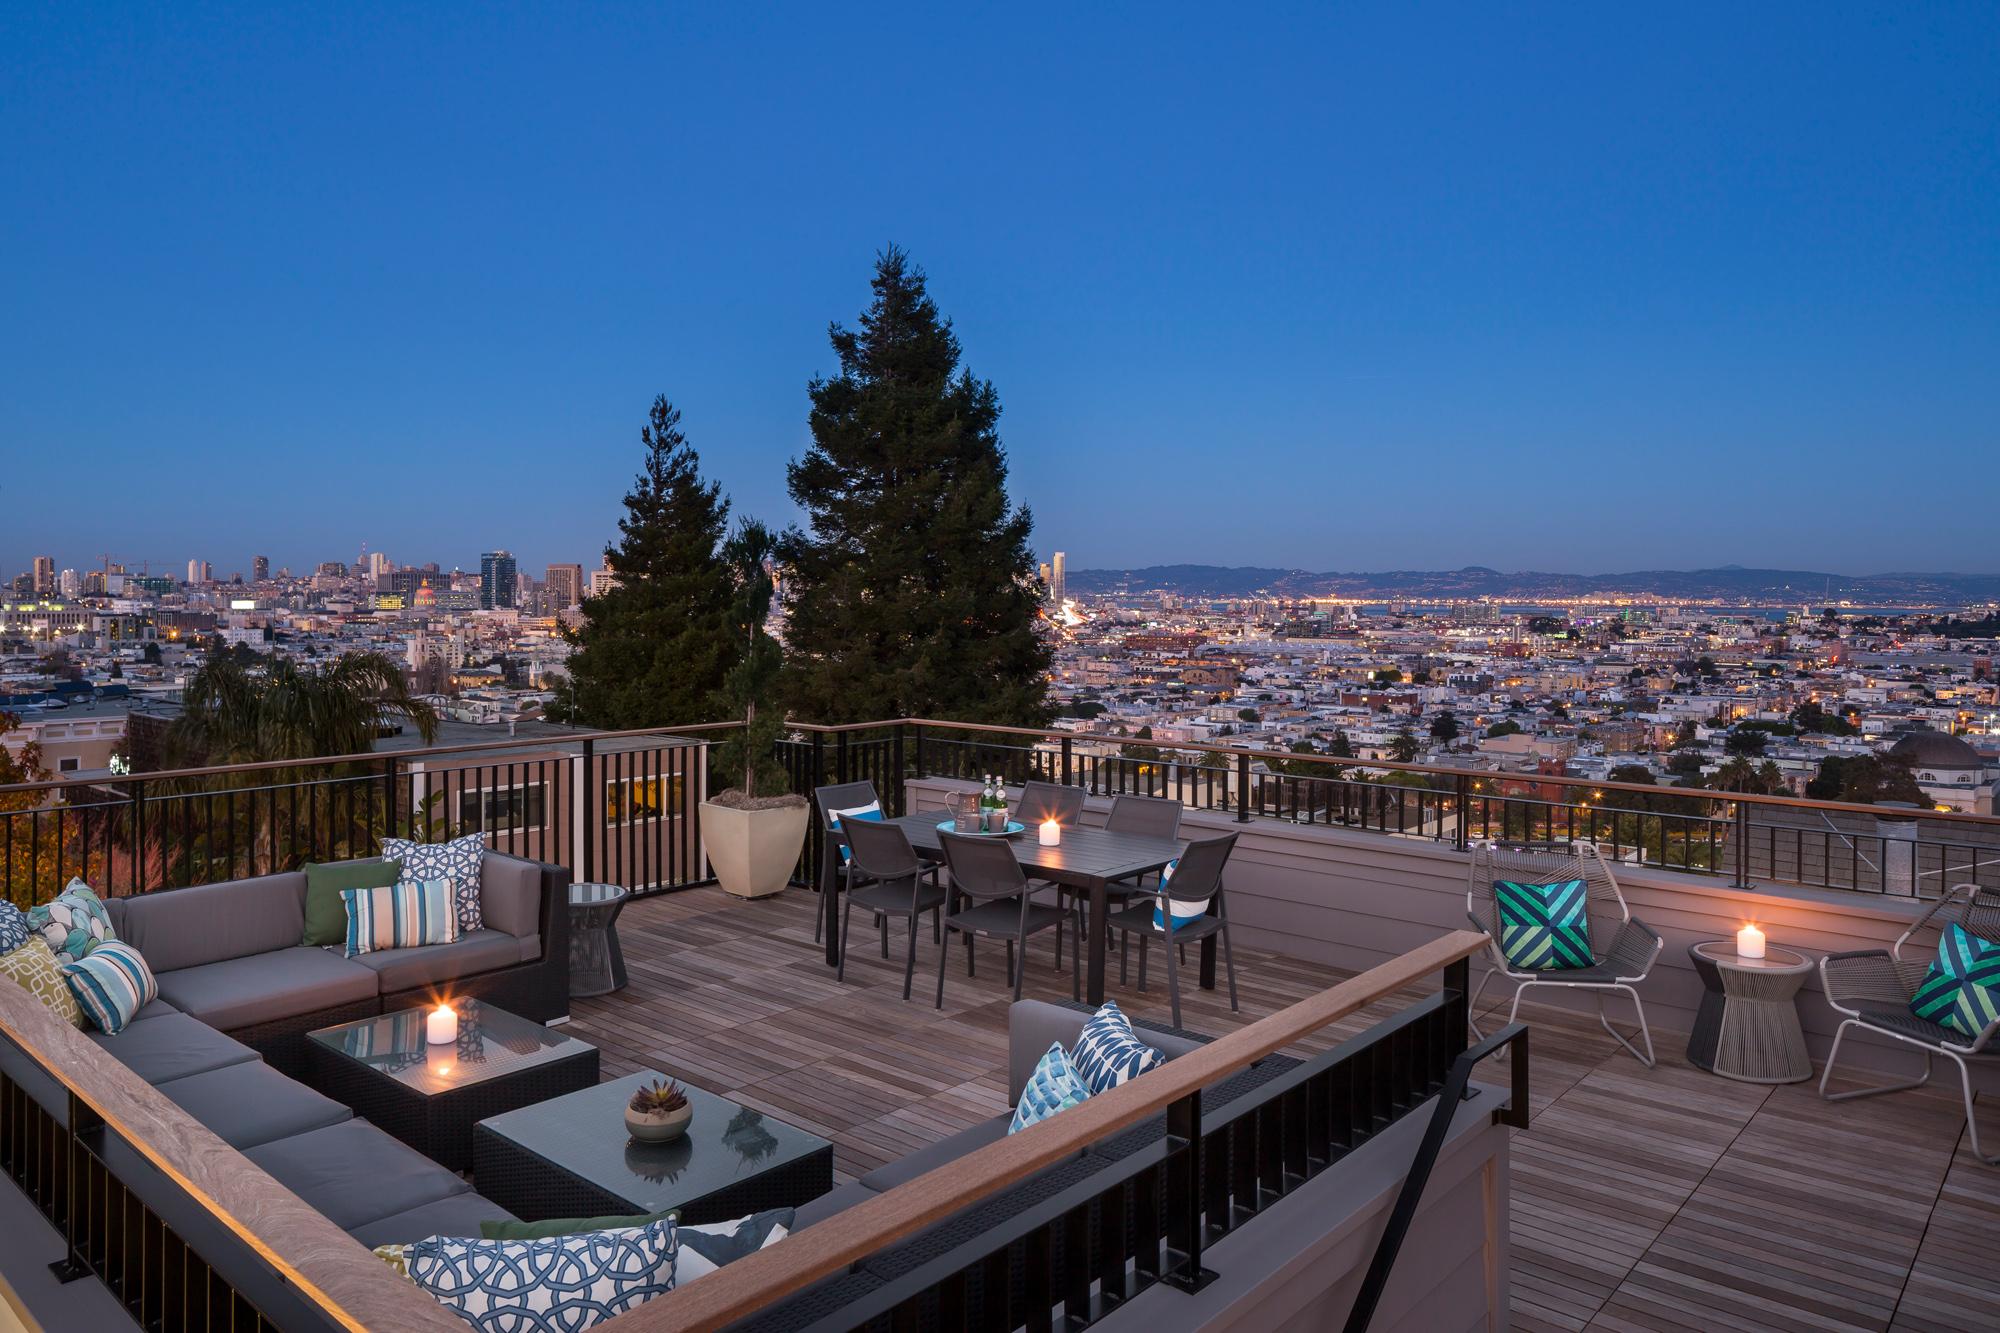 View_Roof_Deck_4588.jpg